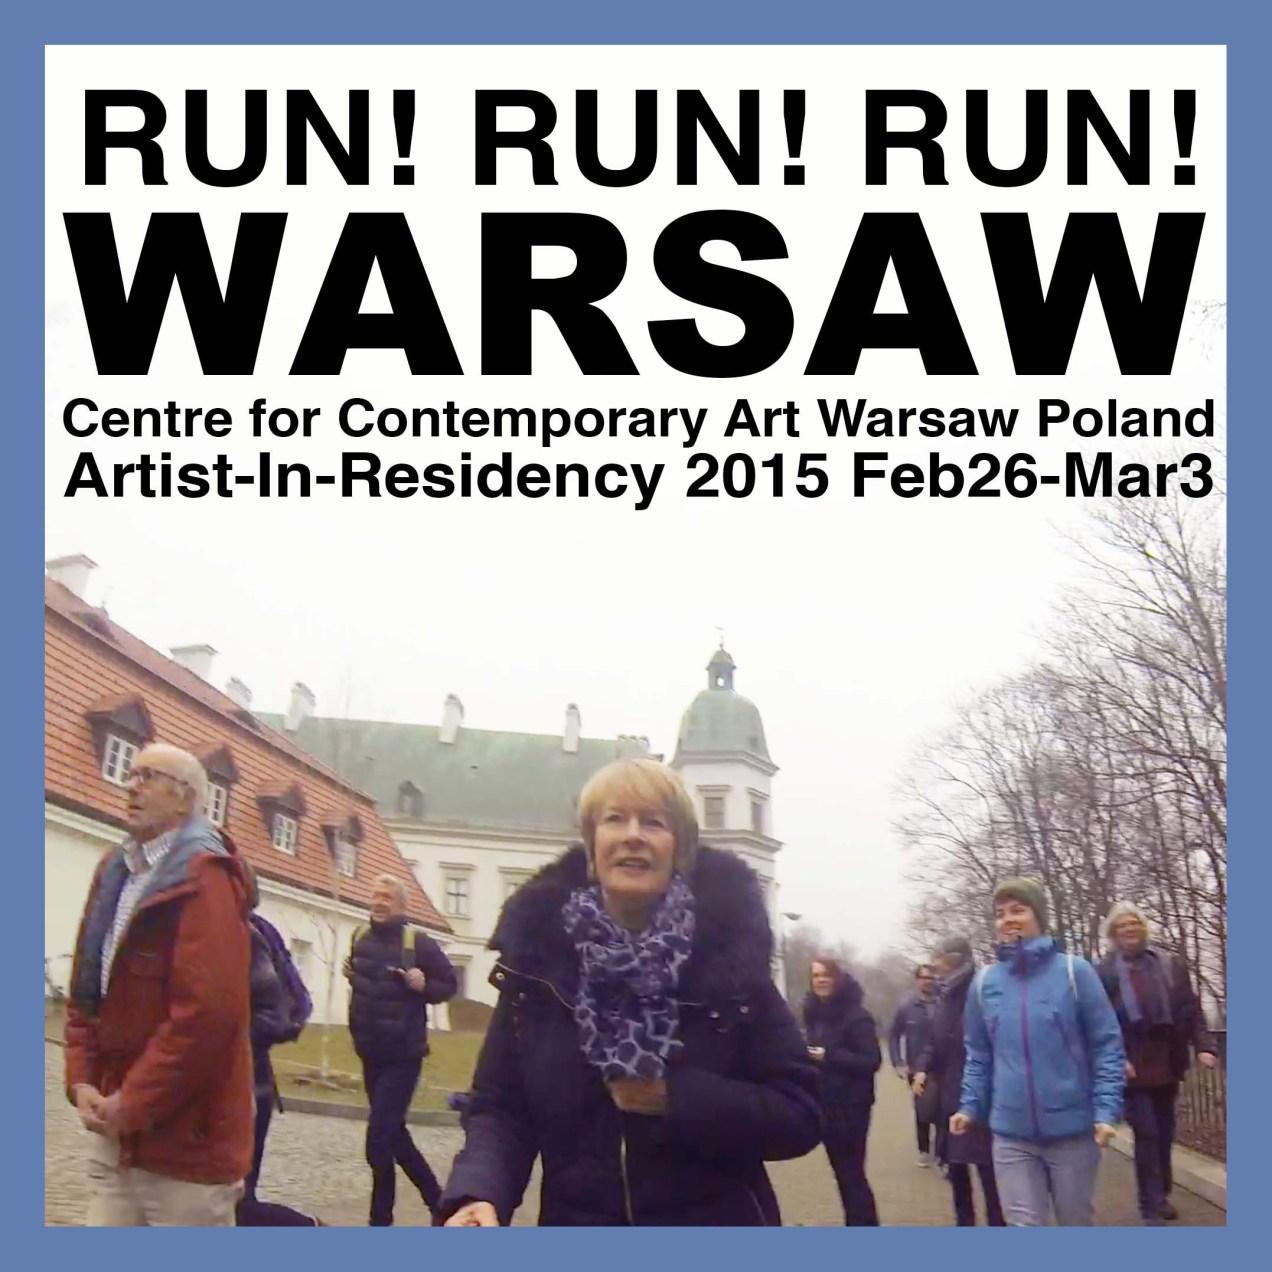 RUN! RUN! RUN! Warsaw